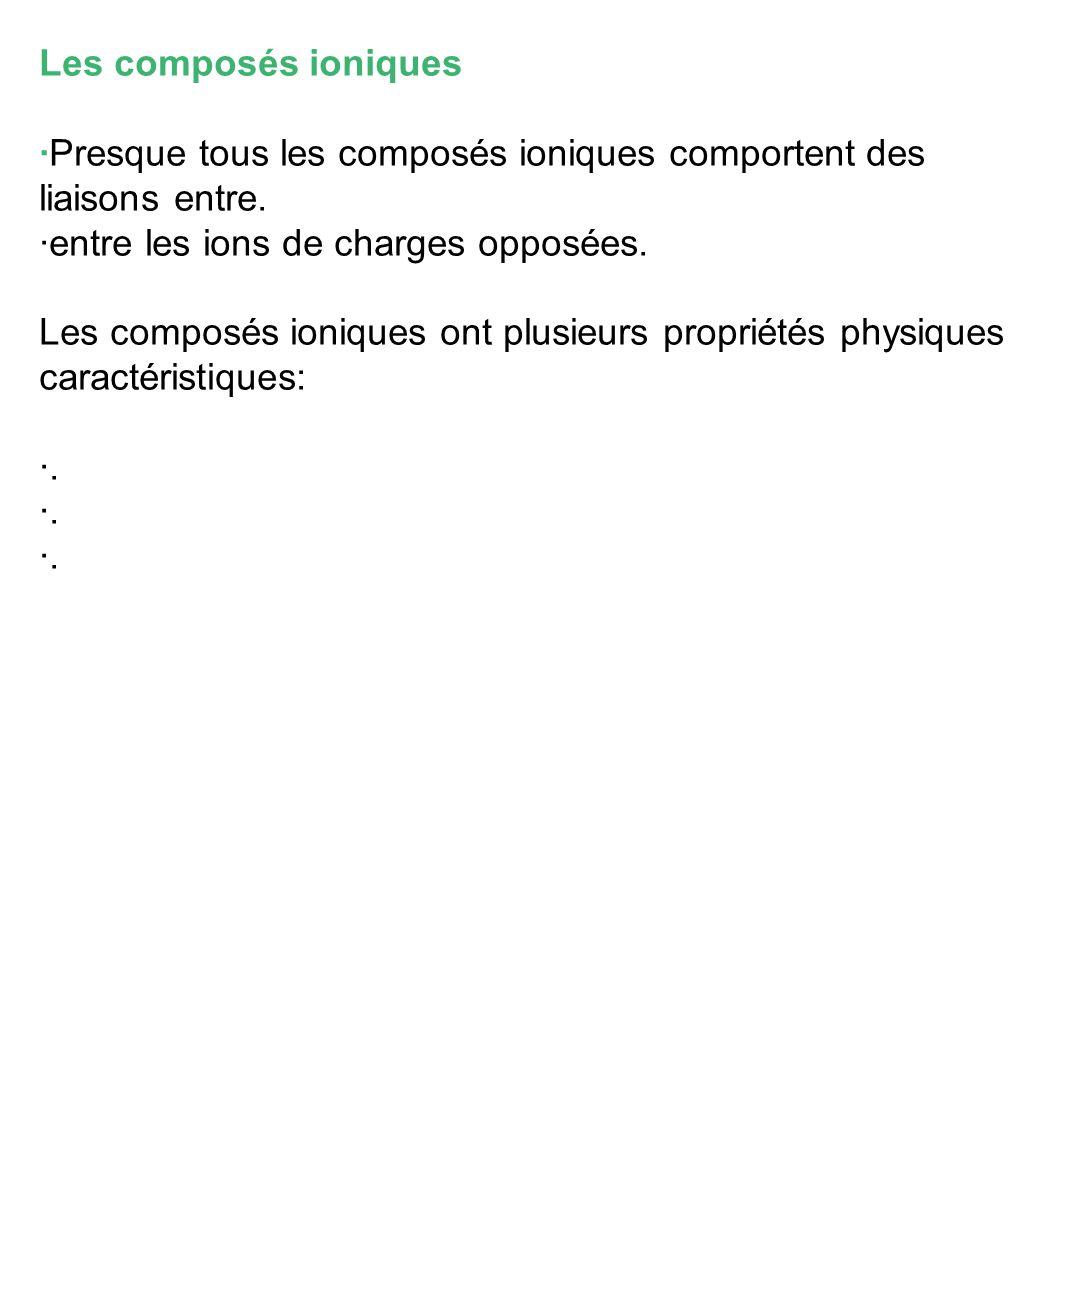 Les composés ioniques ·Presque tous les composés ioniques comportent des liaisons entre.